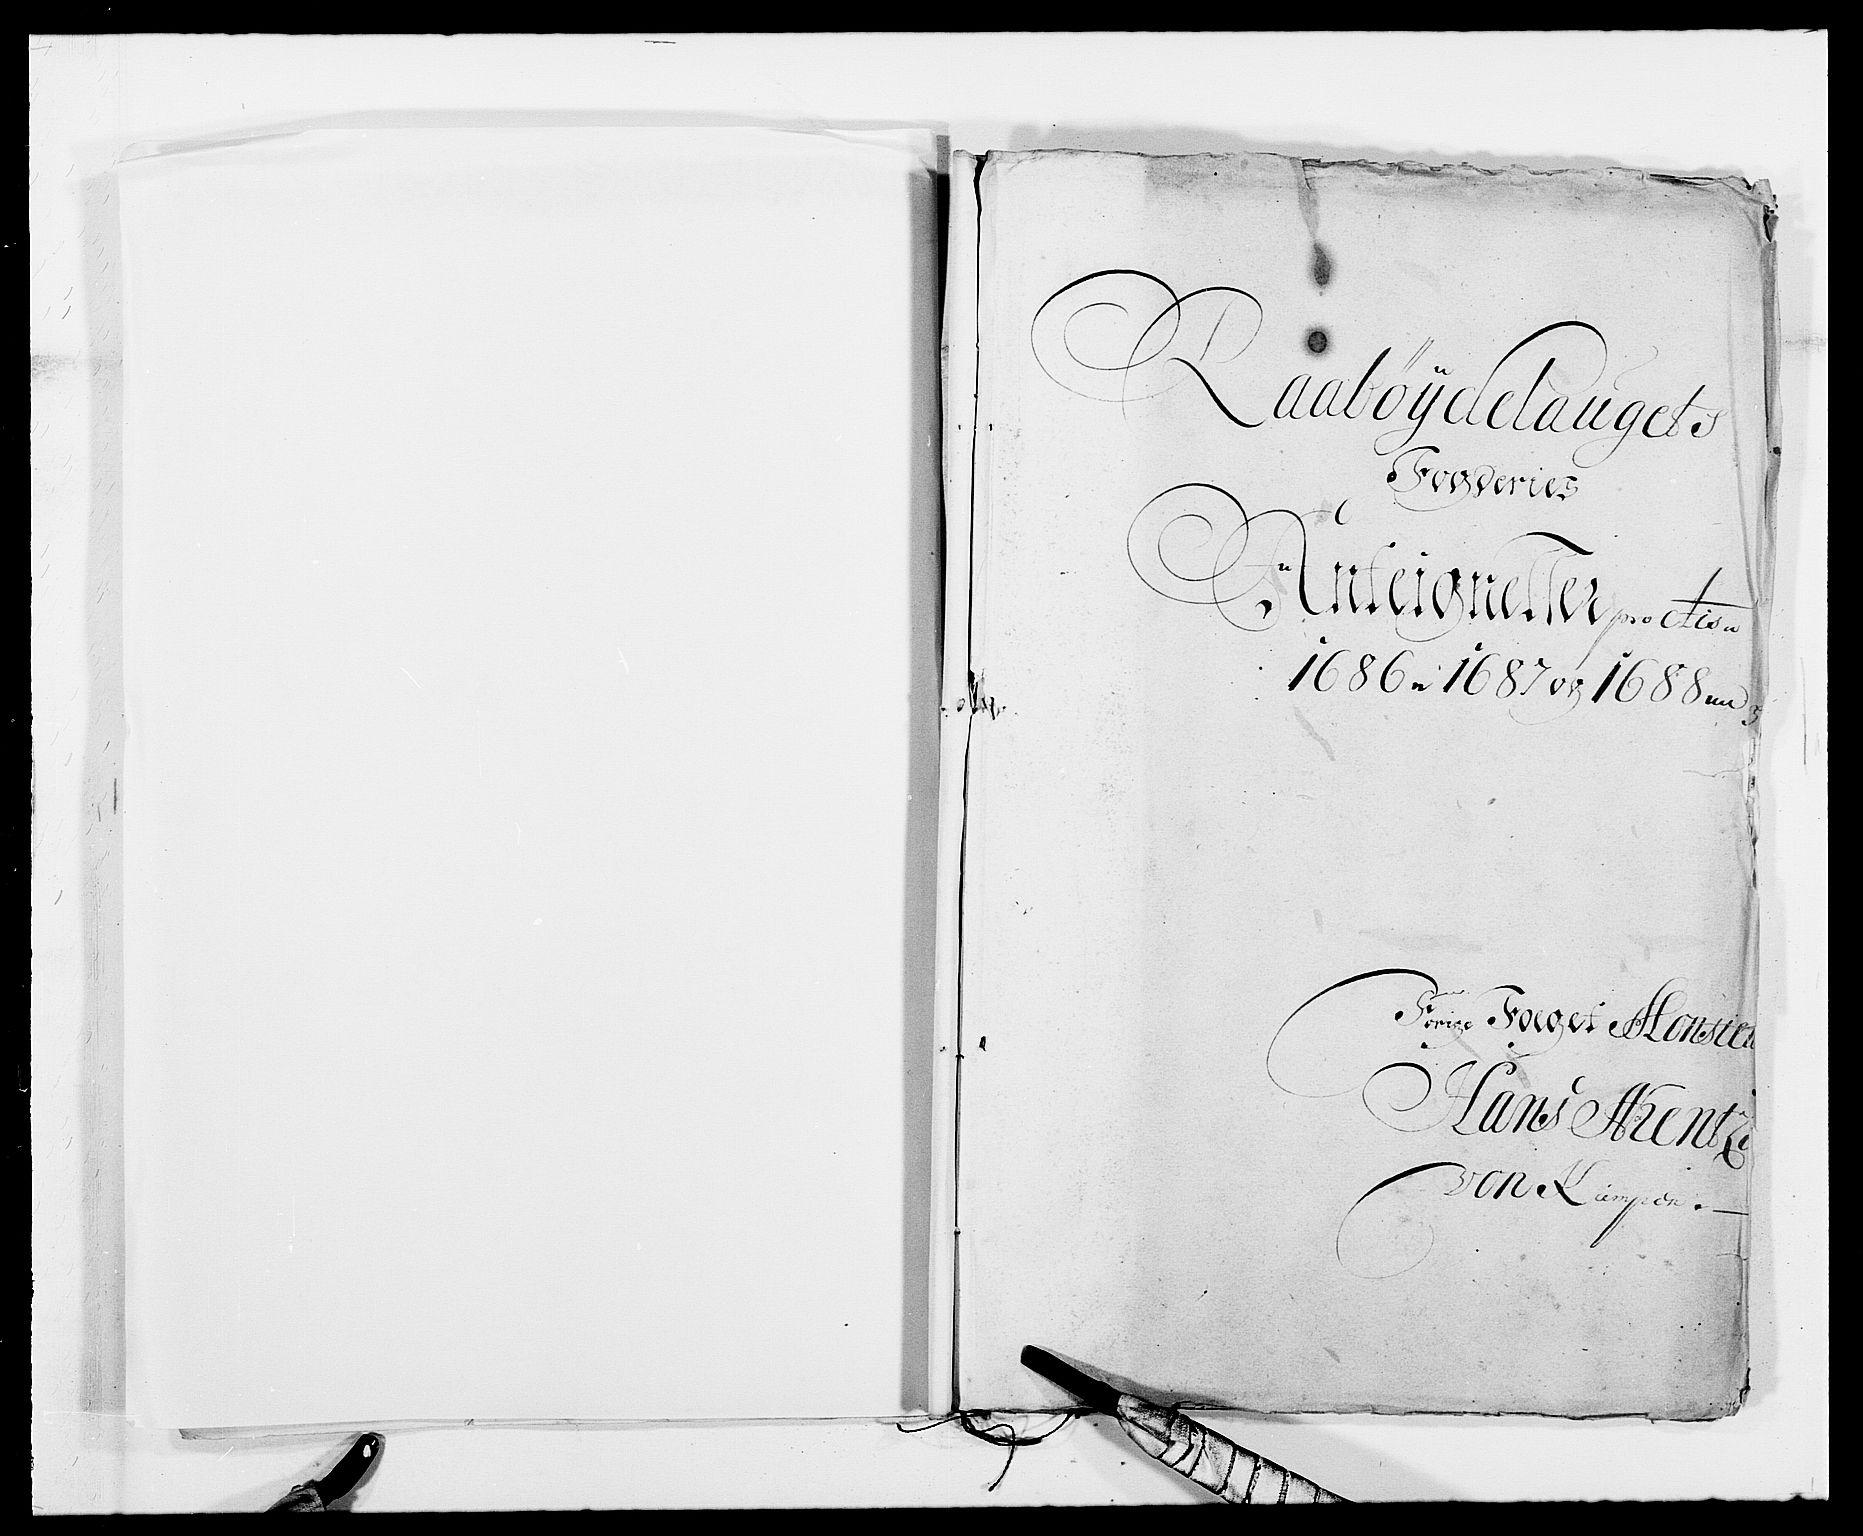 RA, Rentekammeret inntil 1814, Reviderte regnskaper, Fogderegnskap, R40/L2441: Fogderegnskap Råbyggelag, 1688, s. 91